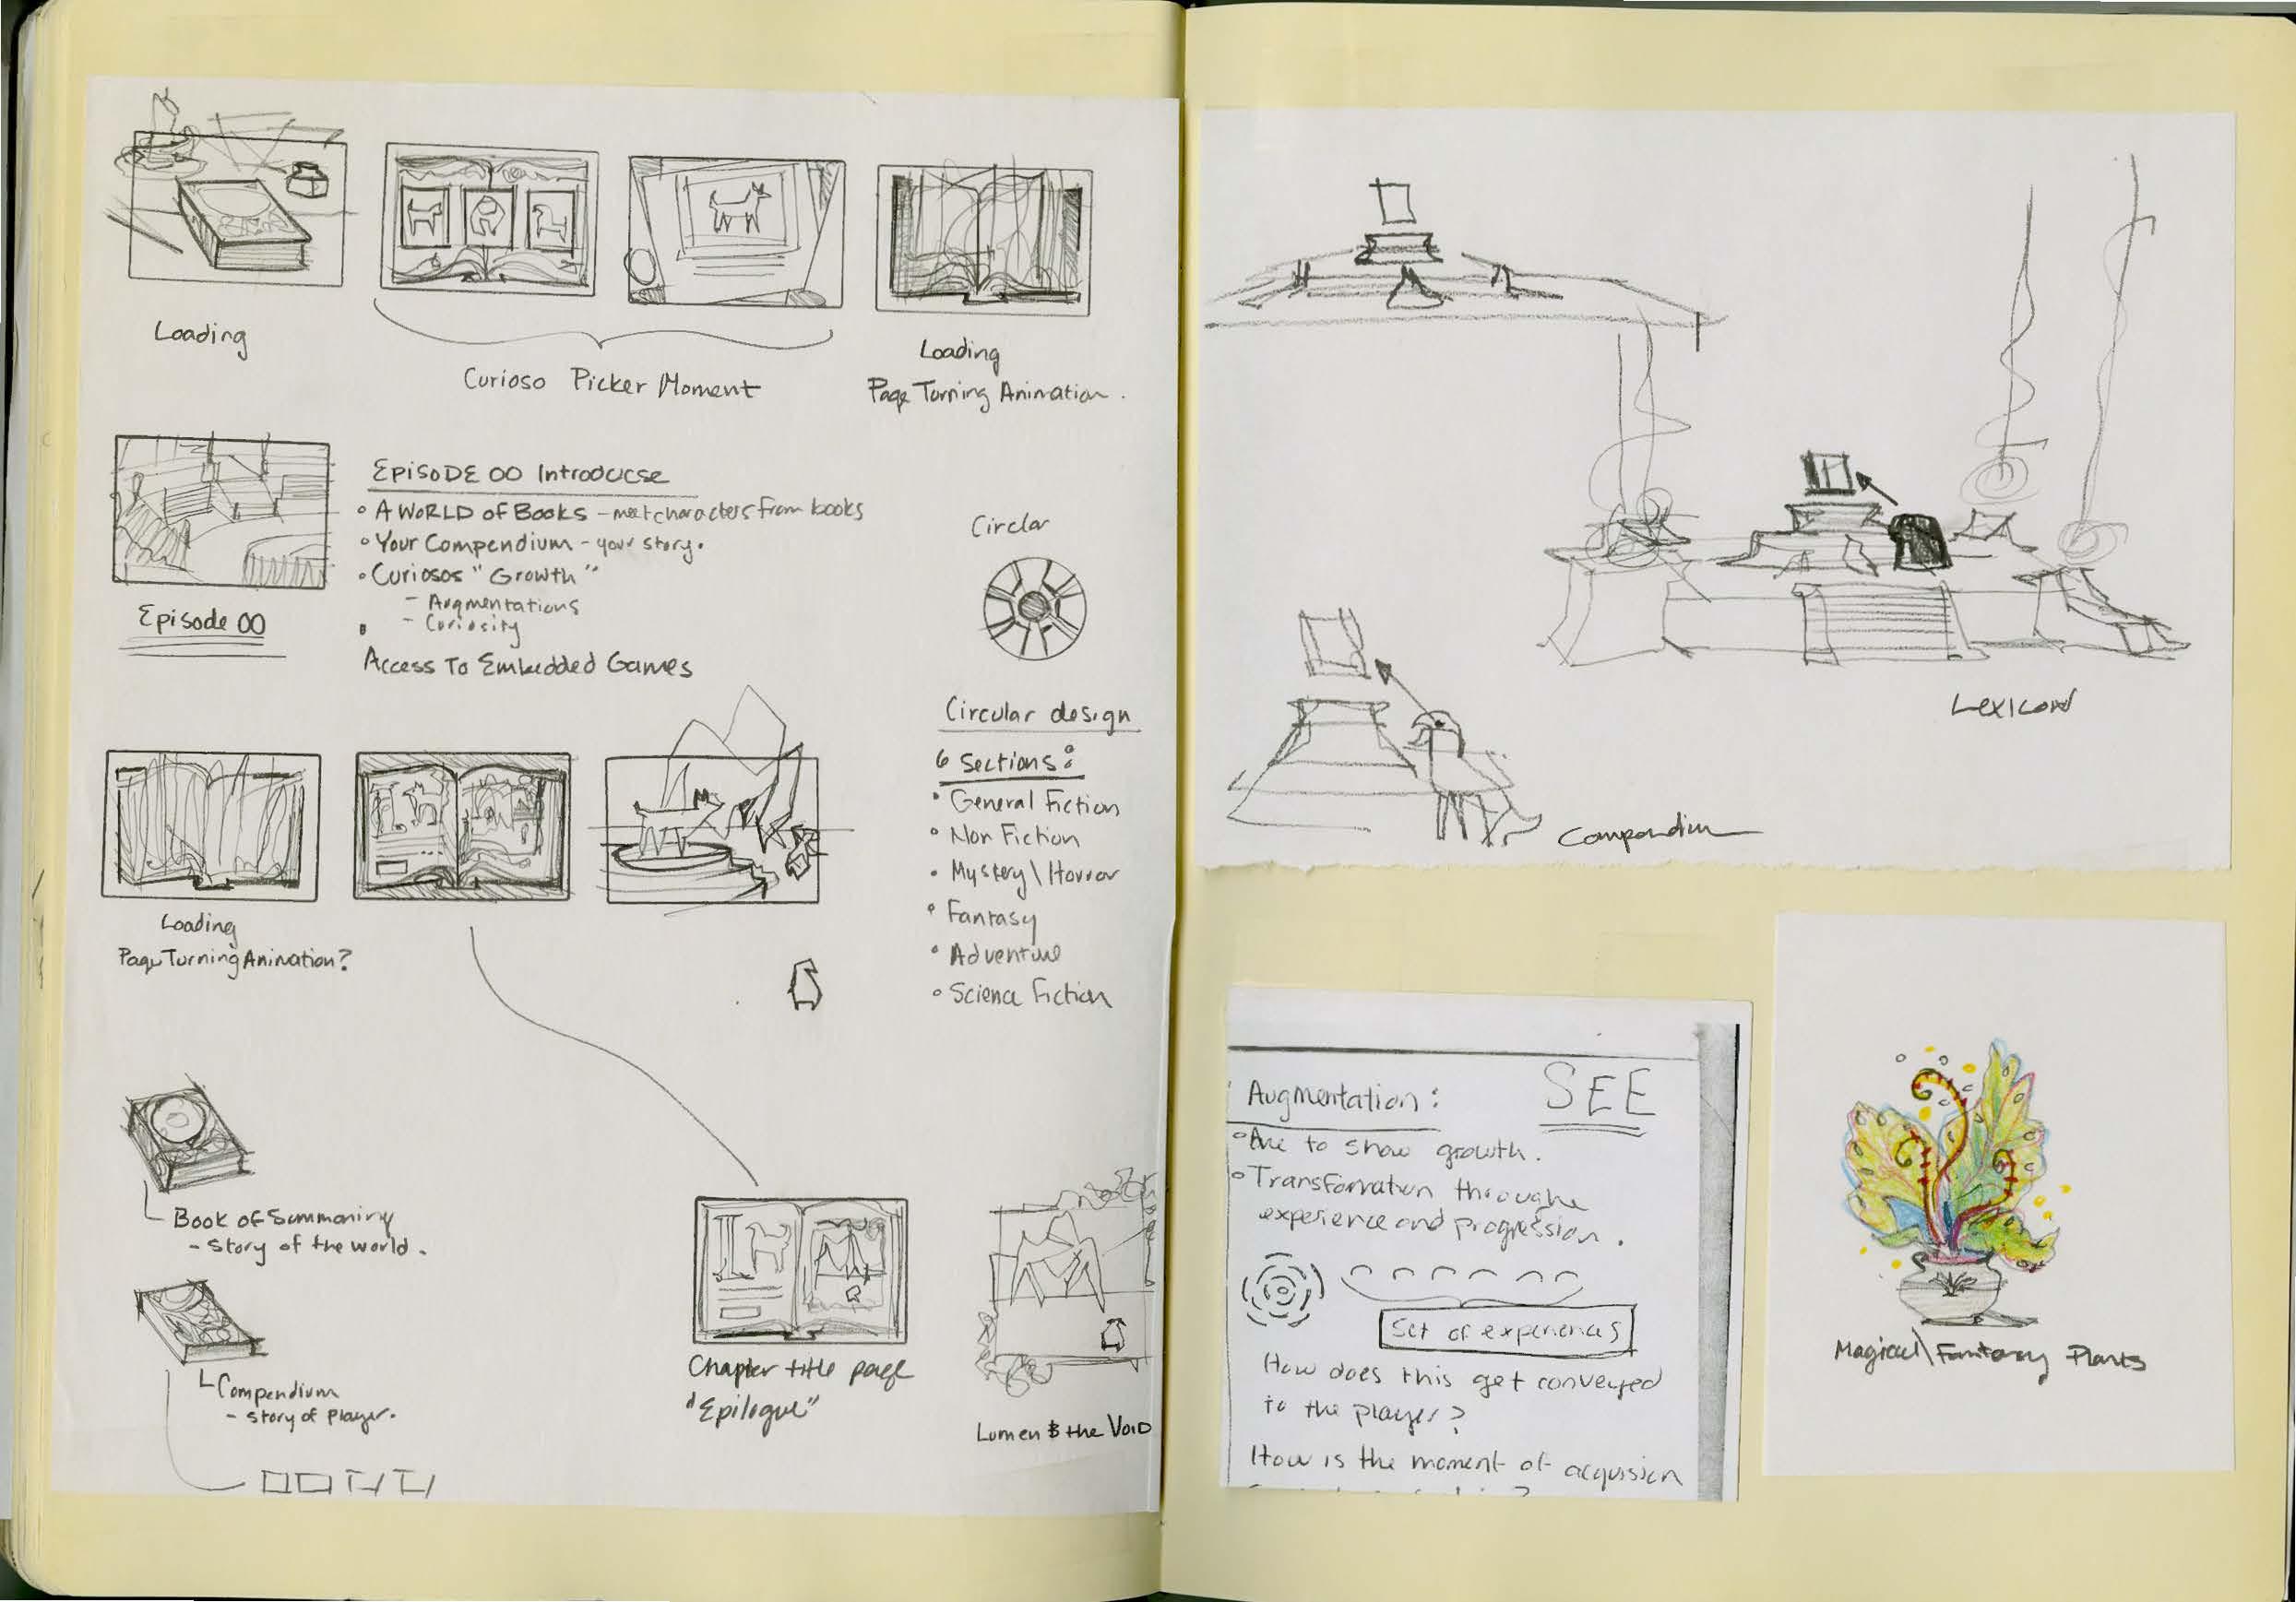 Librariana_SkBk_Page_38.jpg